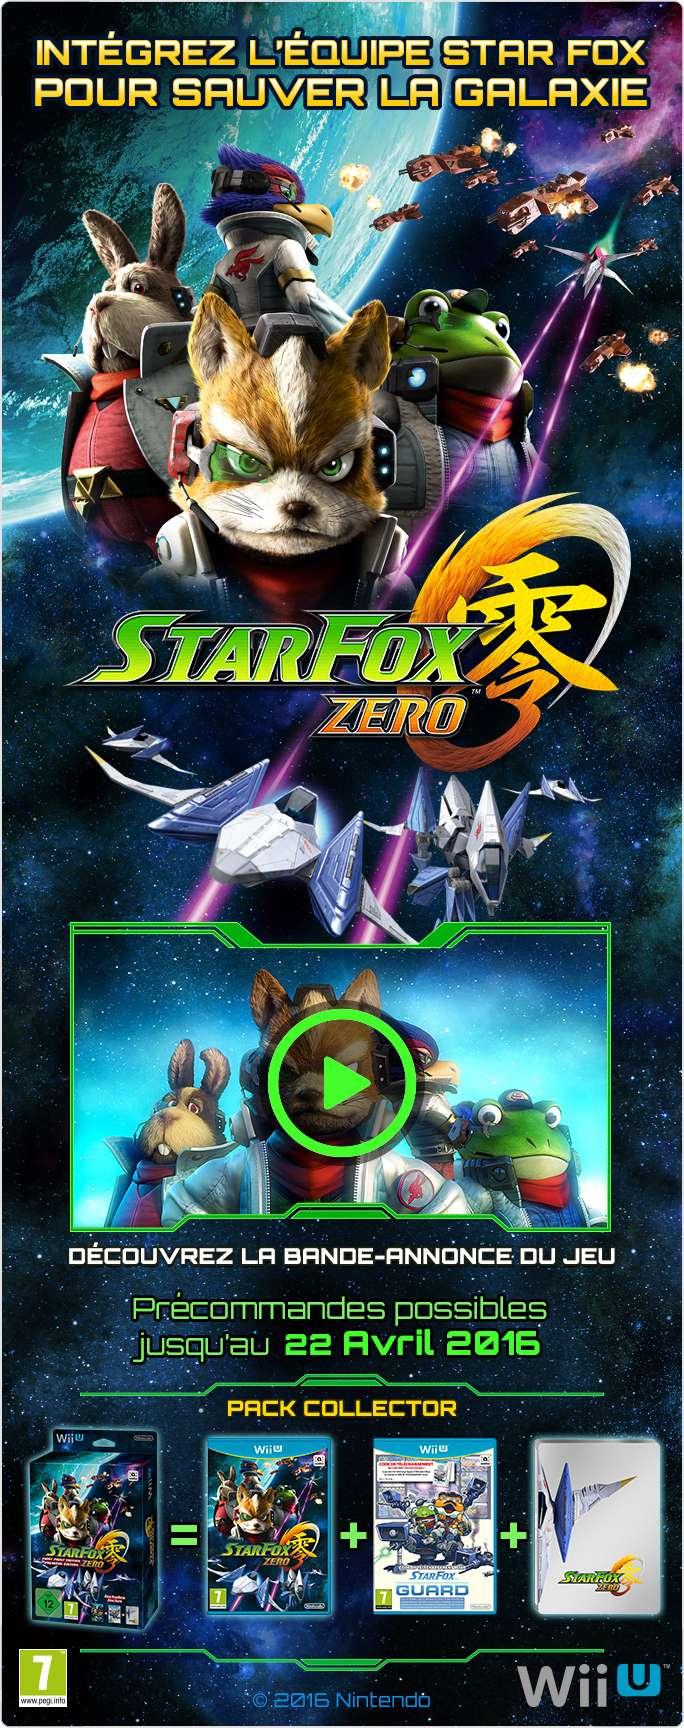 Starfox Zero Première édition - Page 3 Newsle10